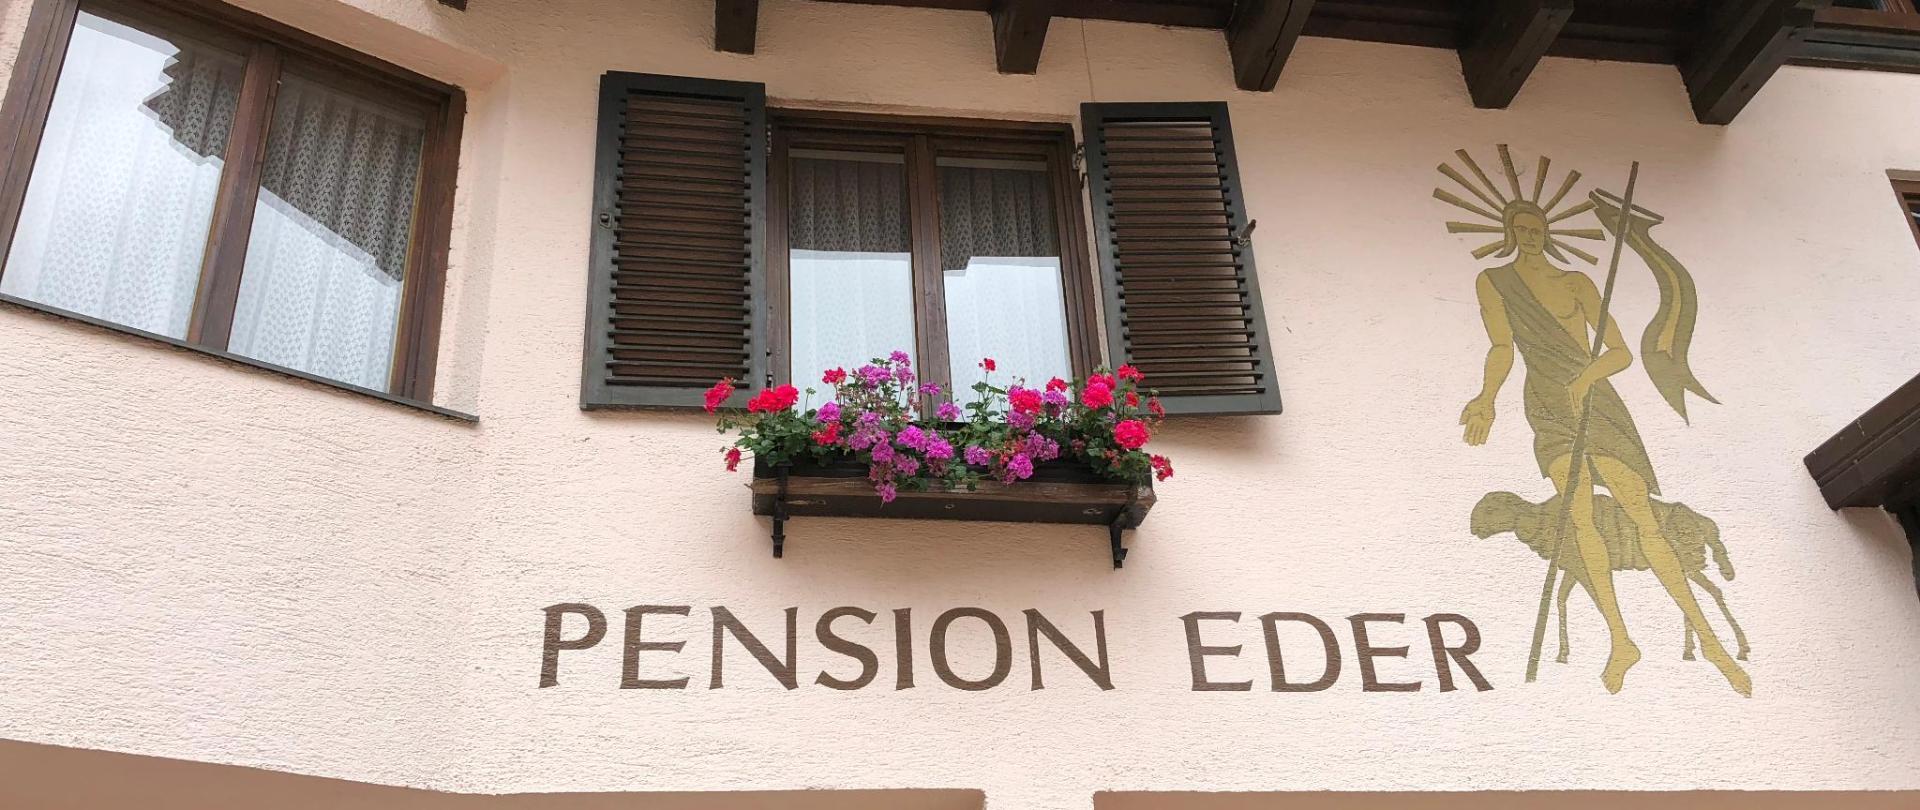 Pension Eder